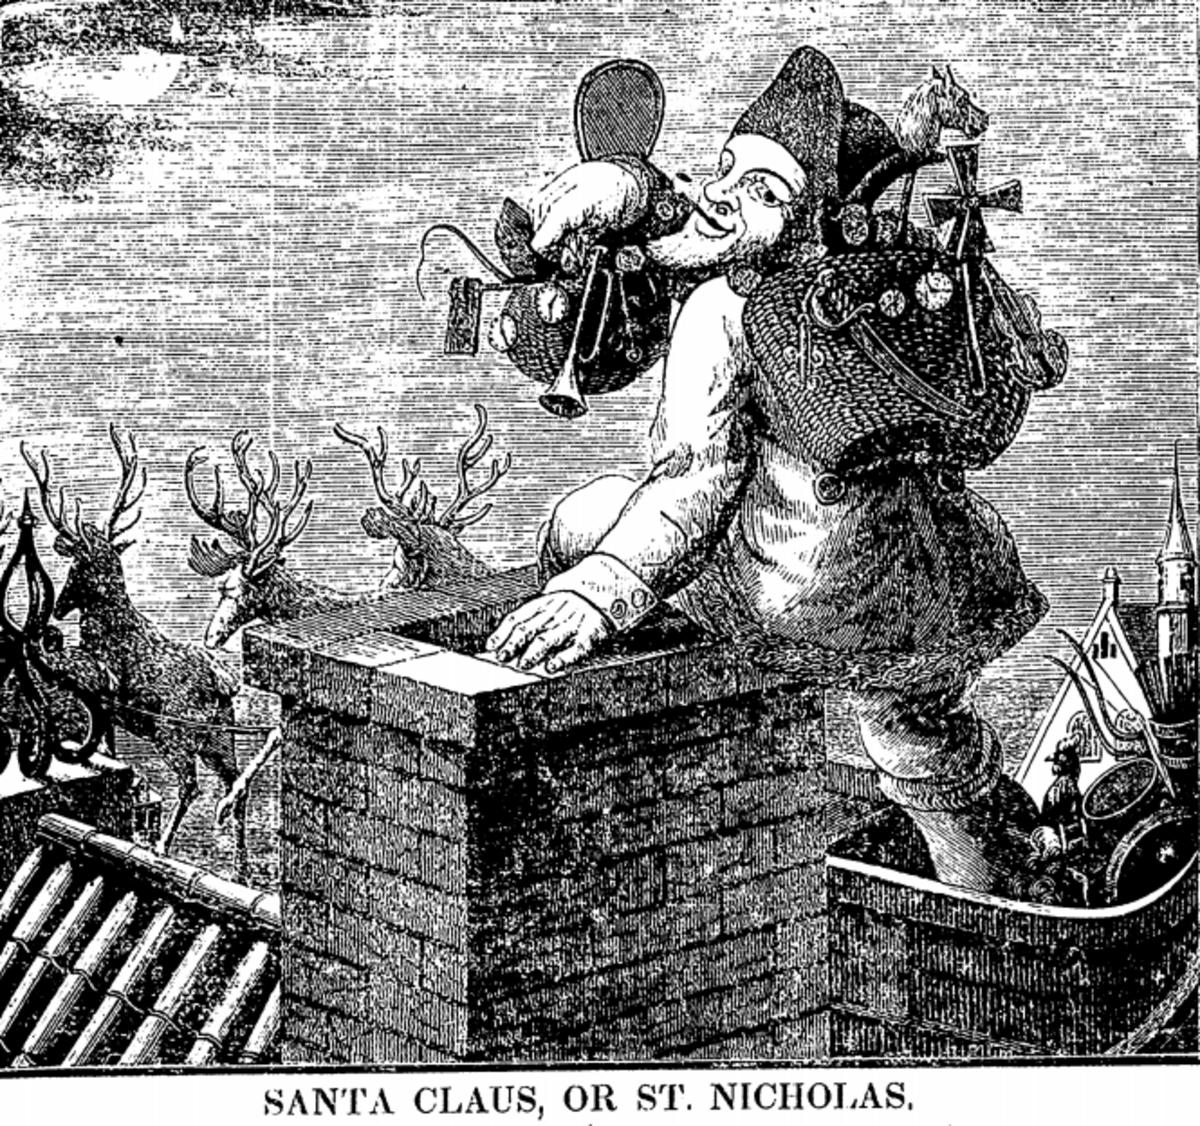 1844 Image of Santa